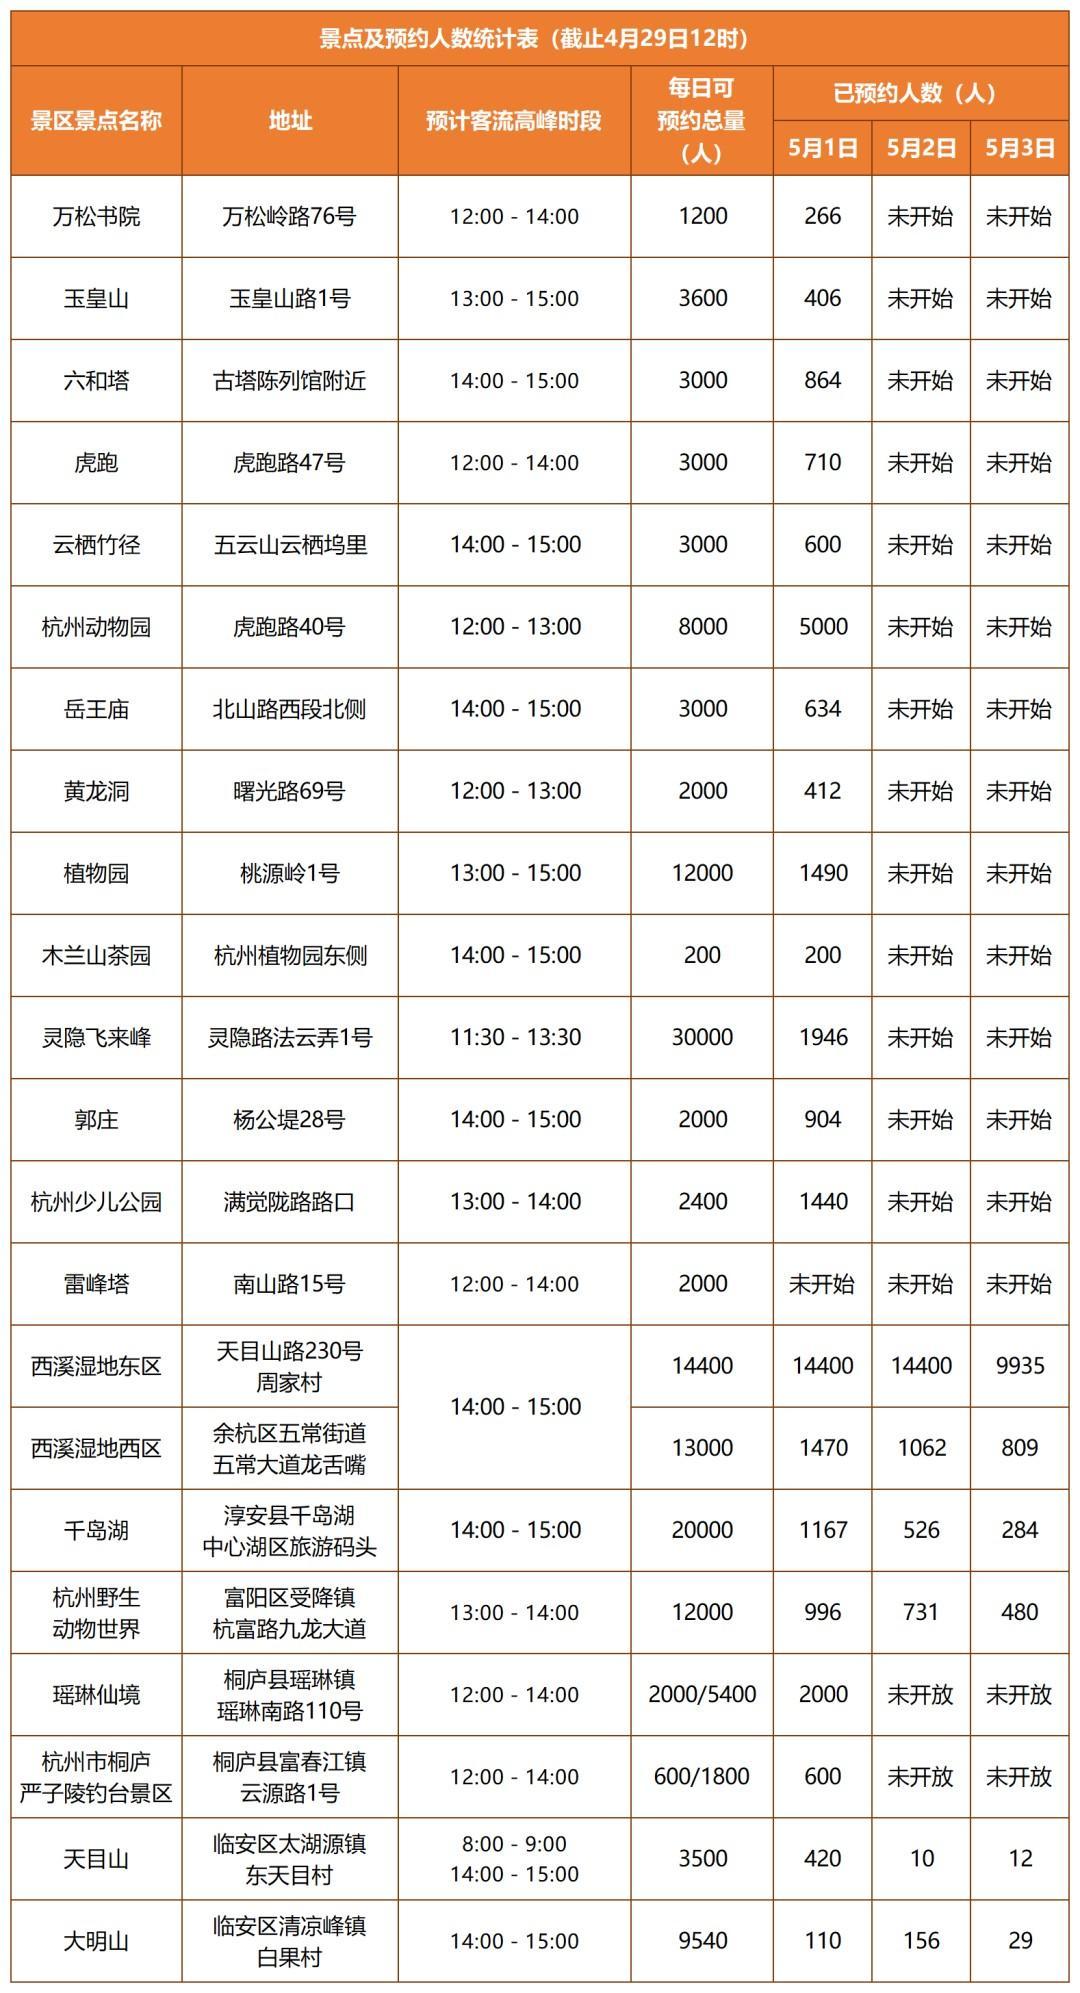 """""""五一""""假日杭州22家主要景区景点预约情况发布"""